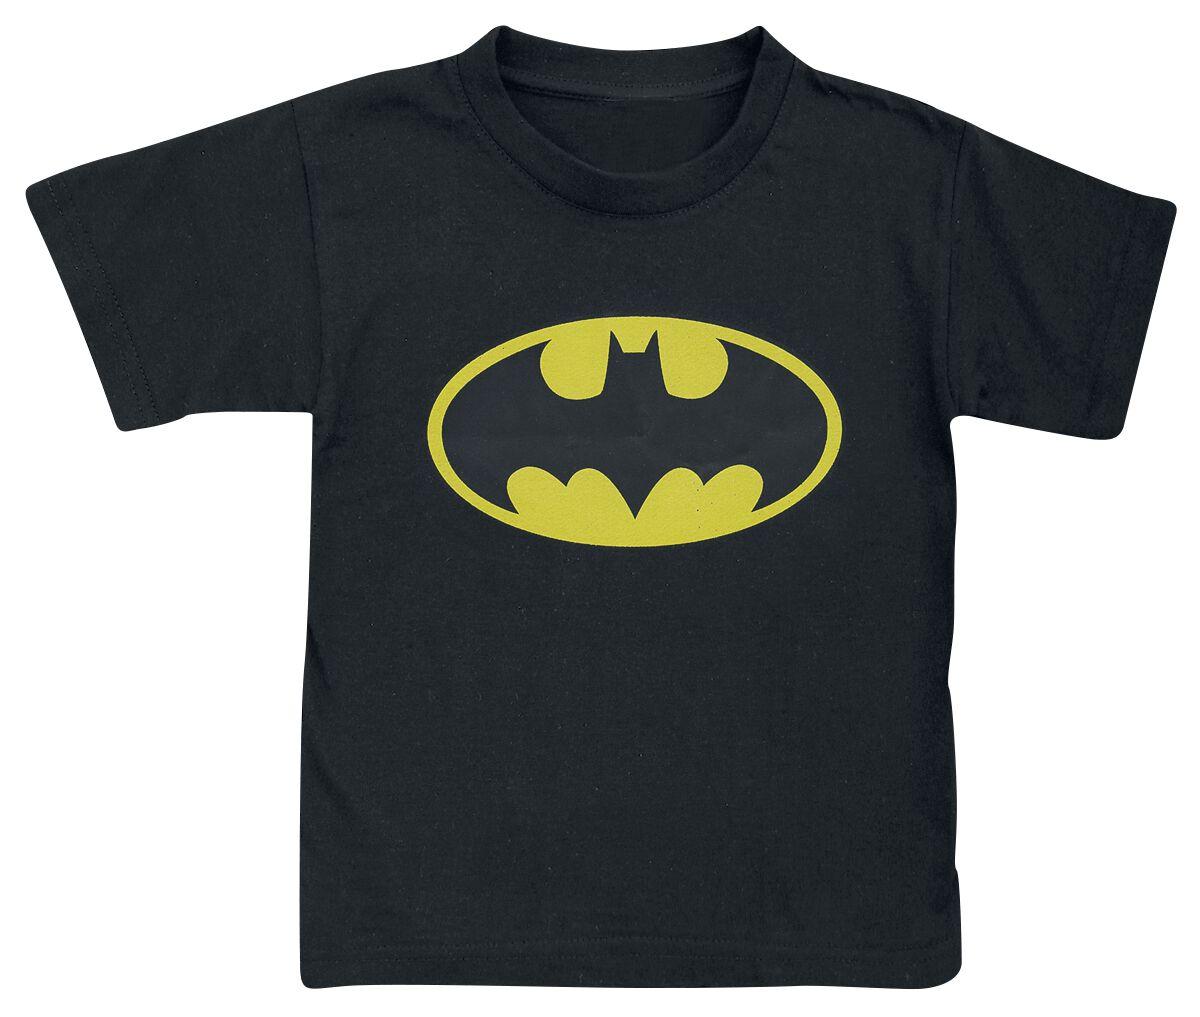 Image of Batman Distressed Logo Maglia bimbo/a nero